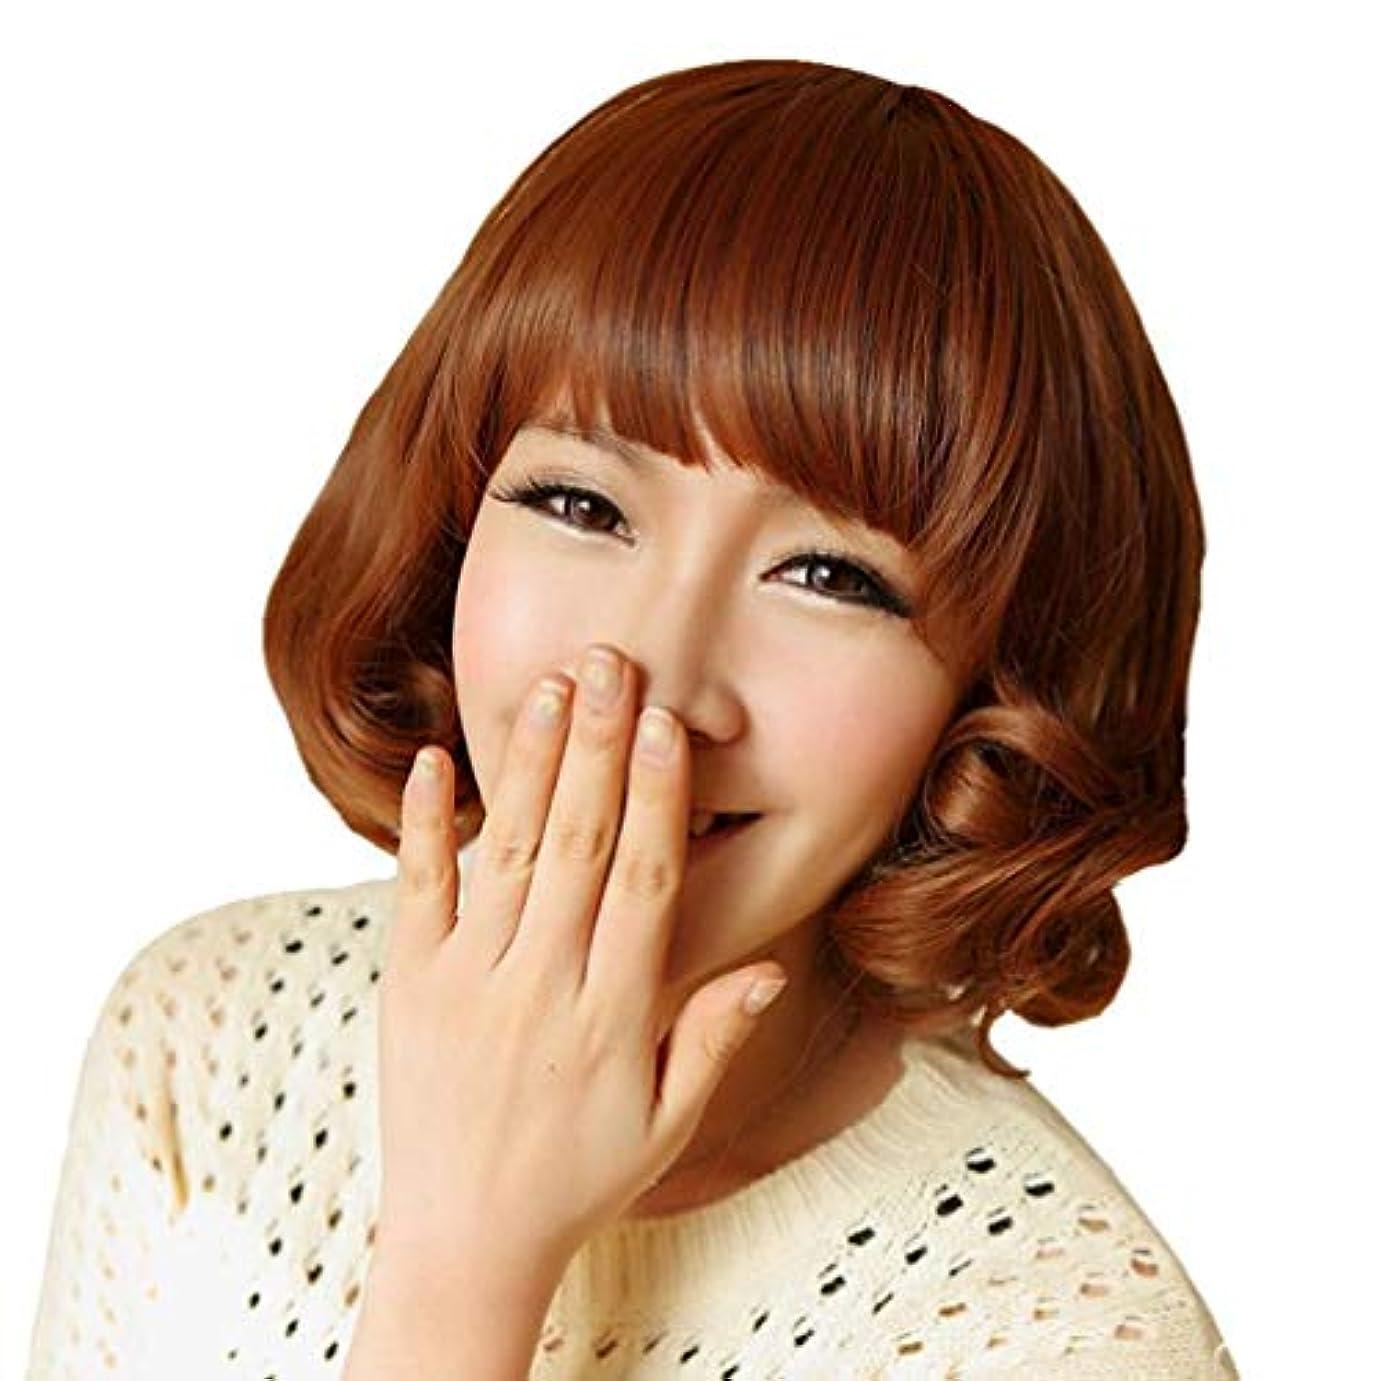 プロフィール完璧端かつら女性ショートヘアボボヘッド空気前髪現実的な髪型 LH2206 (画像の色)